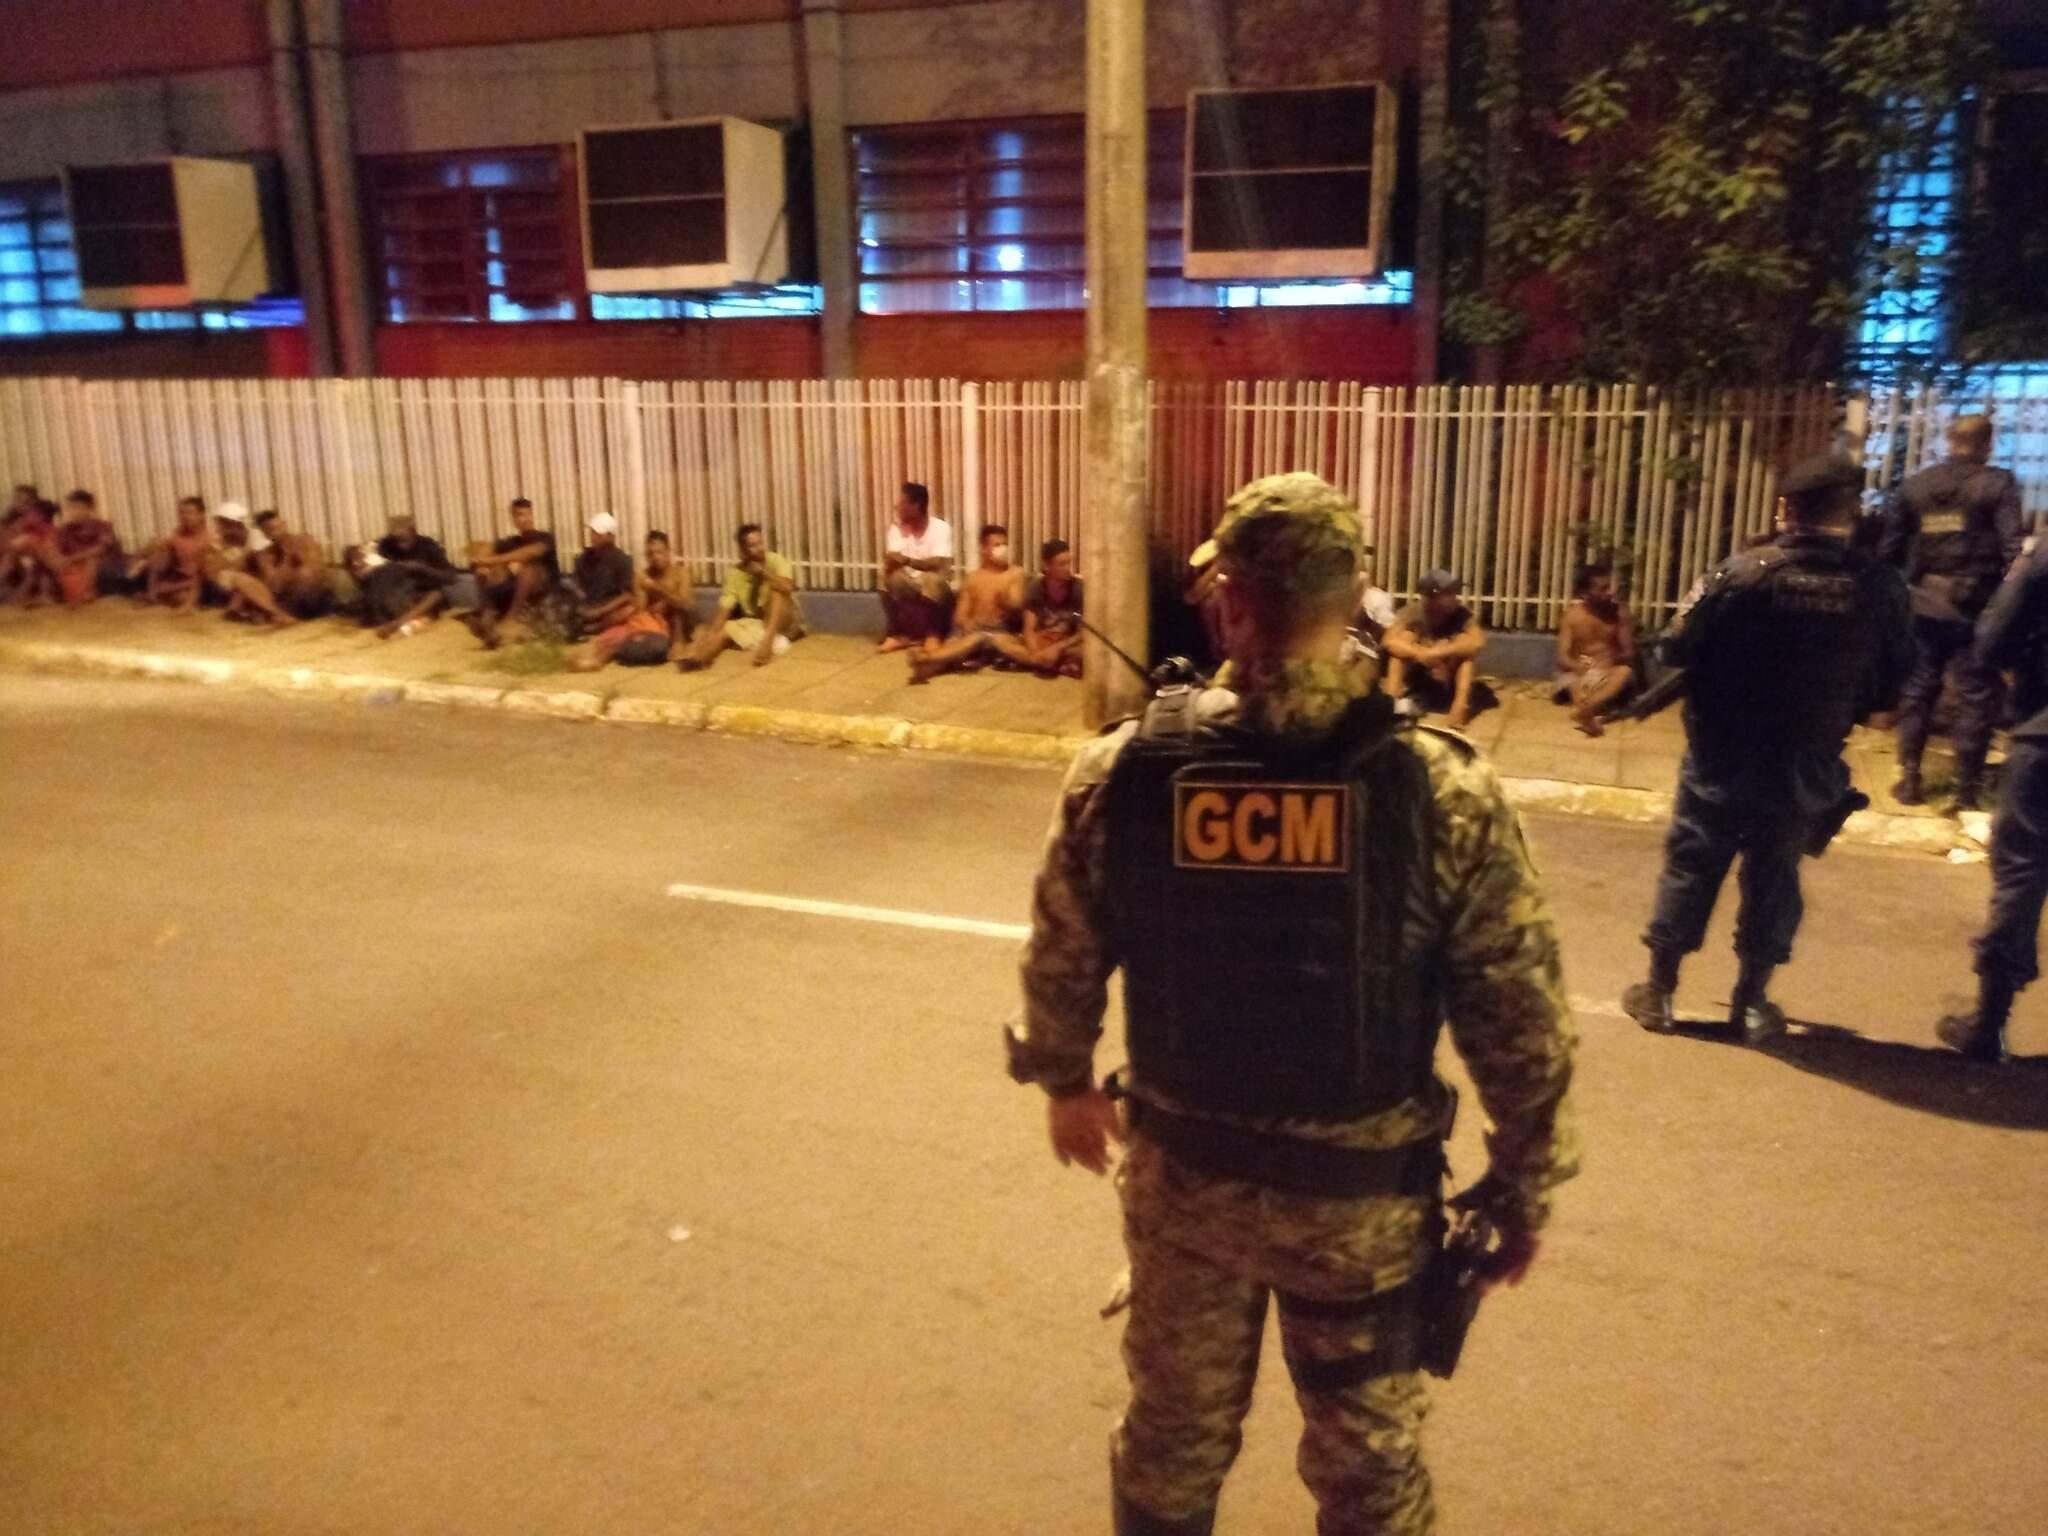 Sentados na calçada, moradores de rua são observados por guardas civis municipais. (Foto: Divulgação)